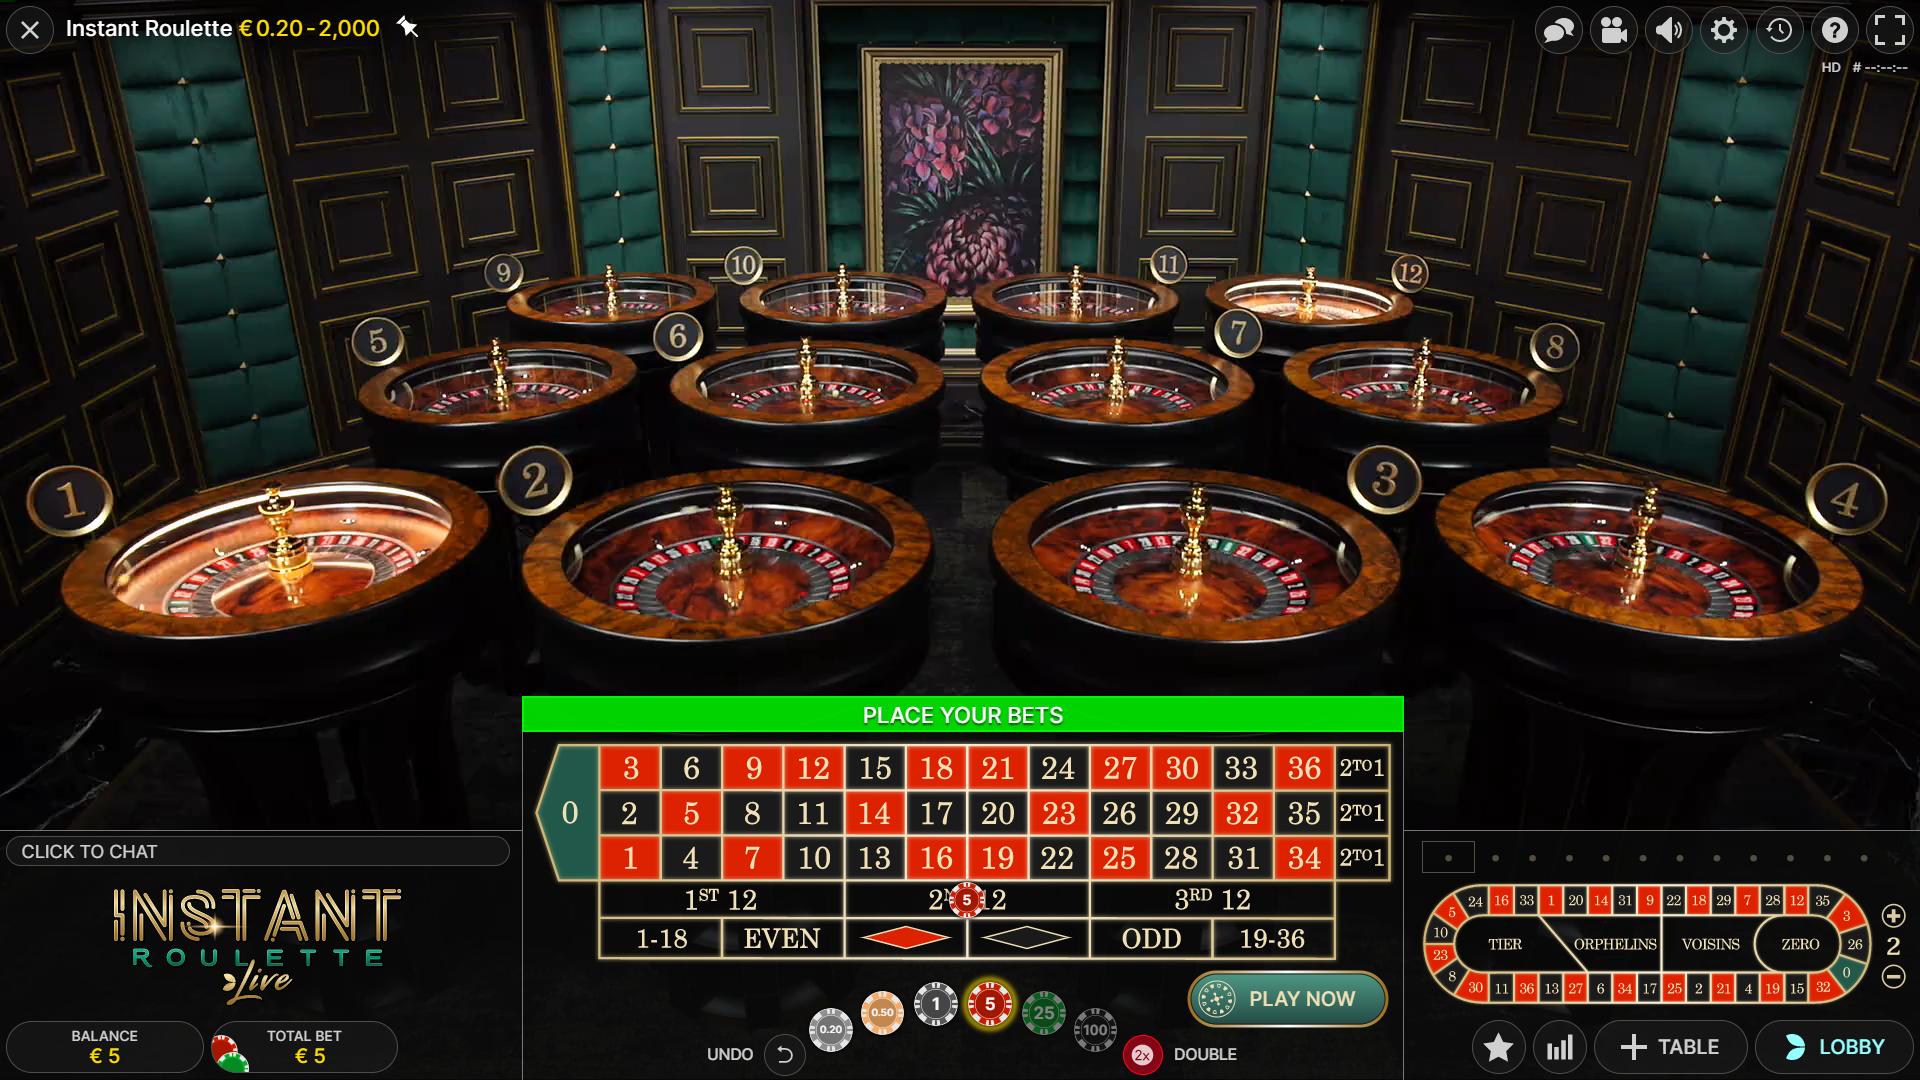 gameplay roda roulette instan tempatkan taruhan Anda 12 roulette mainkan sekarang